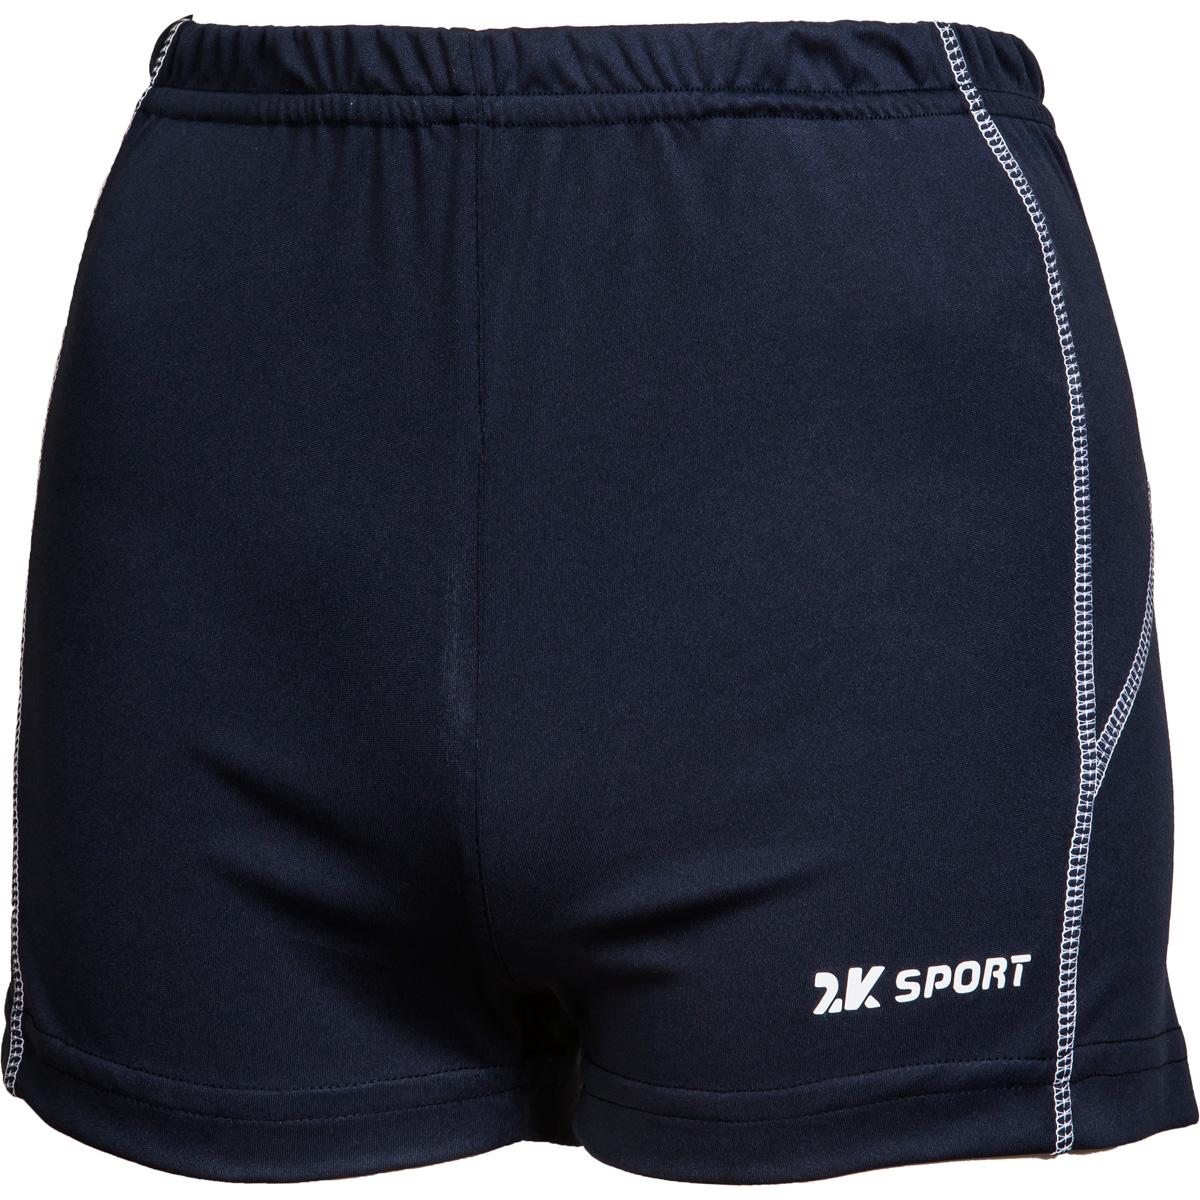 Шорты волейбольные женские 2K Sport Energy, цвет: темно-синий. 140043. Размер S (42/44)140043_navyОблегающие женские волейбольные шорты с контрастными полосами по бокам. Эластичная ткань не стесняет в движениях, но при этом обладает высокой износостойкостью и отлично сохраняет форму.